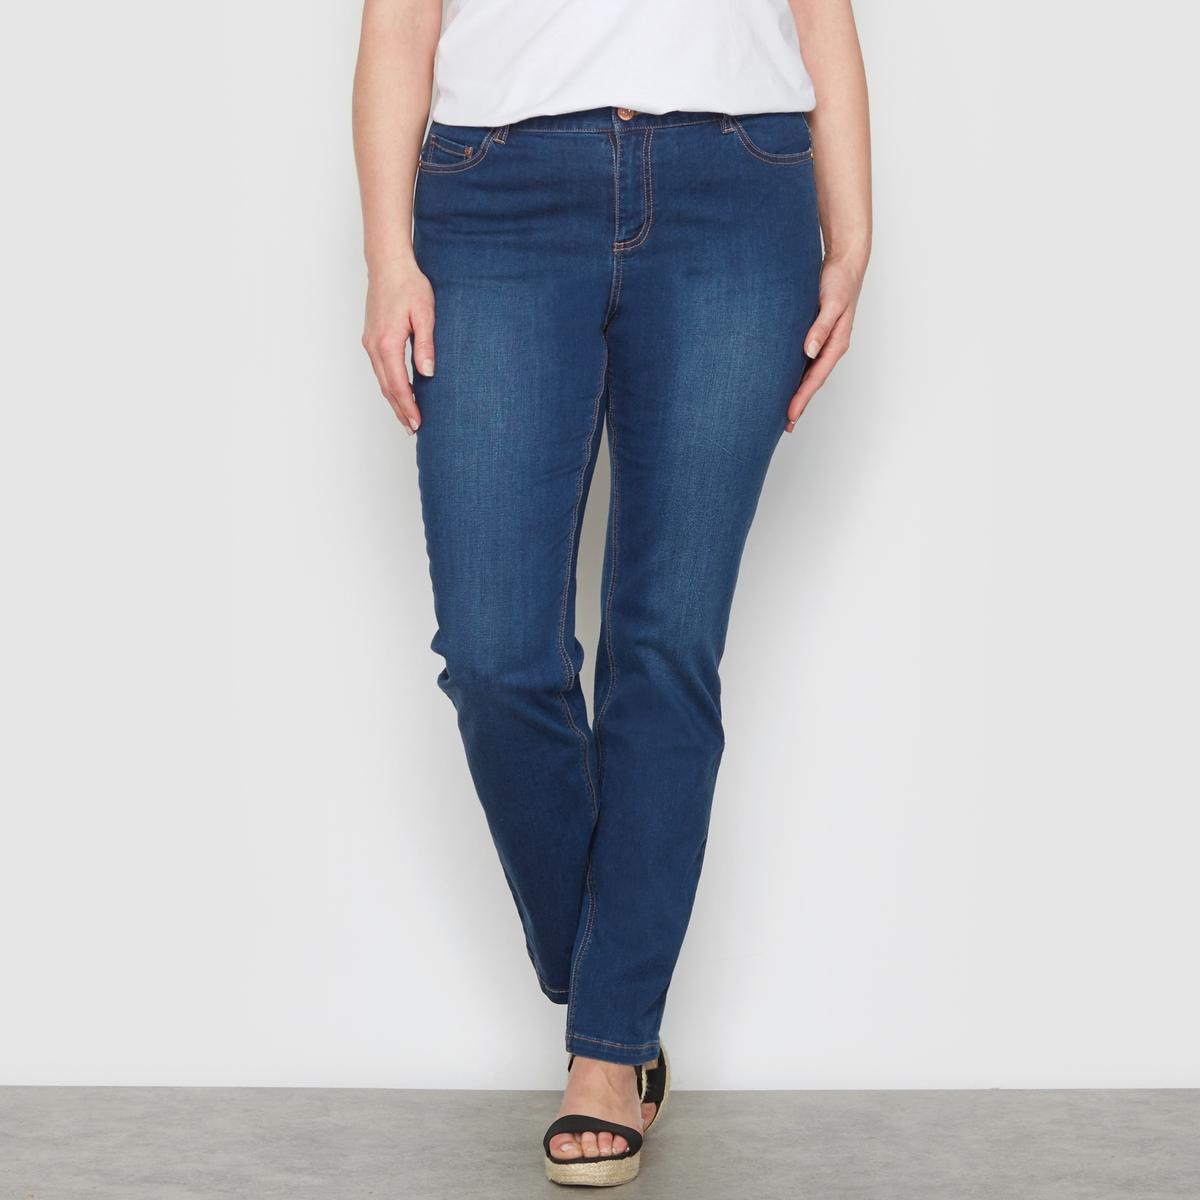 Джинсы прямого покроя стретч,  длина по внутр.шву ок. 73 см.Подчеркивается талия, бедра, ягодицы зрительно округляются: прямые джинсы стретч отлично сидят и чрезвычайно удобны! 5 карманов.Рост от 1 м 65 см: длина по внутр.шву ок. 73 см..<br><br>Цвет: голубой потертый,синий потертый,темно-синий,черный<br>Размер: 58 (FR) - 64 (RUS).42 (FR) - 48 (RUS).44 (FR) - 50 (RUS).56 (FR) - 62 (RUS).58 (FR) - 64 (RUS).44 (FR) - 50 (RUS).46 (FR) - 52 (RUS).58 (FR) - 64 (RUS)